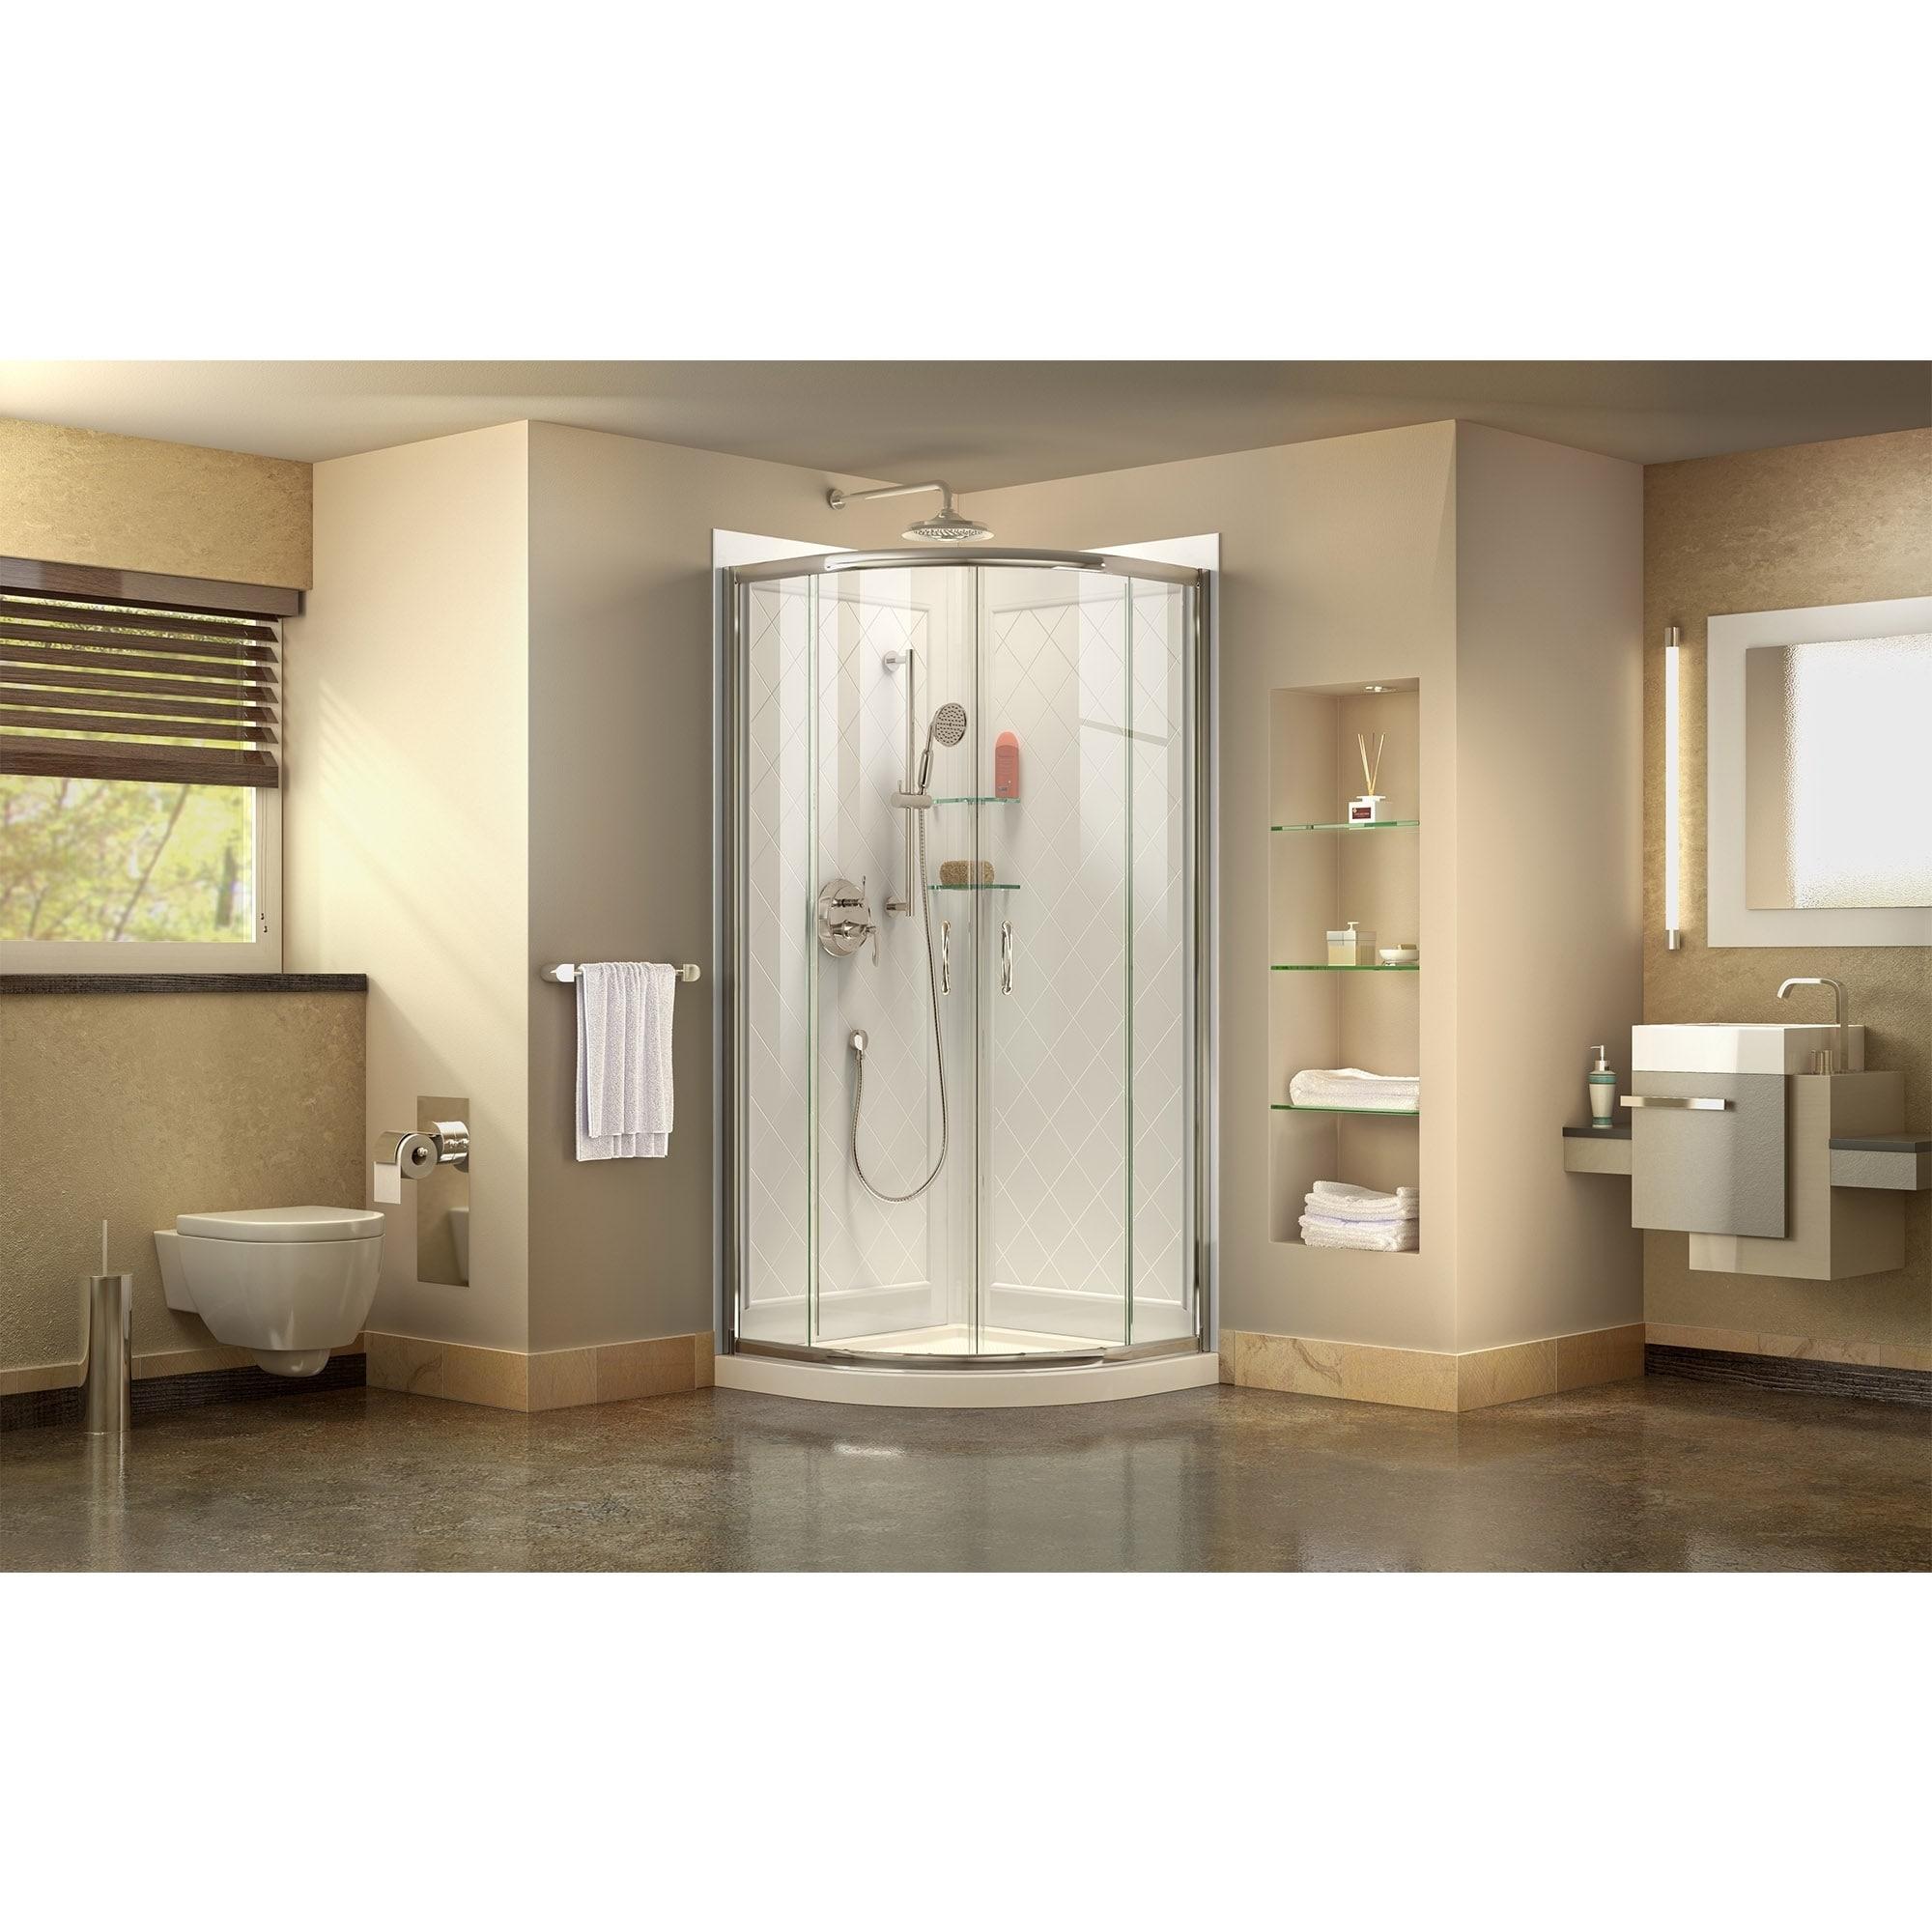 Shop DreamLine Prime 36 in. x 36 in. x 76 3/4 in. H Sliding Shower ...